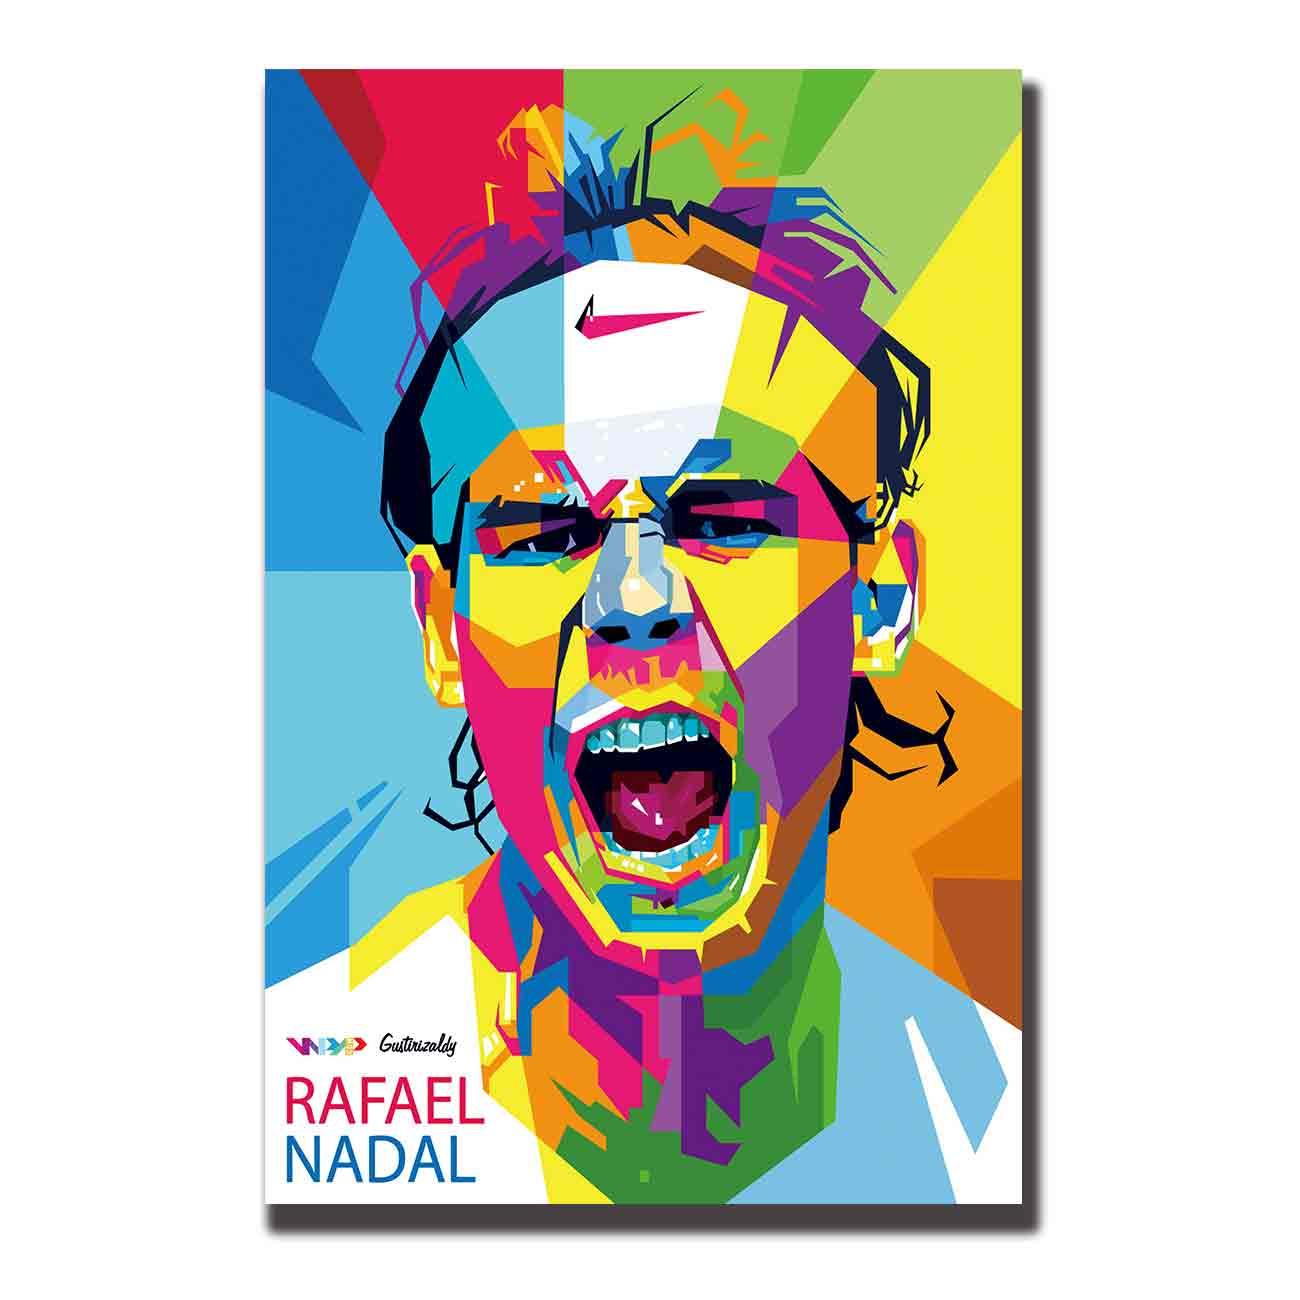 Art Silk Poster Rafael Nadal Top Tennis Player Sports 12x18 24x36 27x40 Canvas Print Stickers Room Decoration Wall Stickers Aliexpress